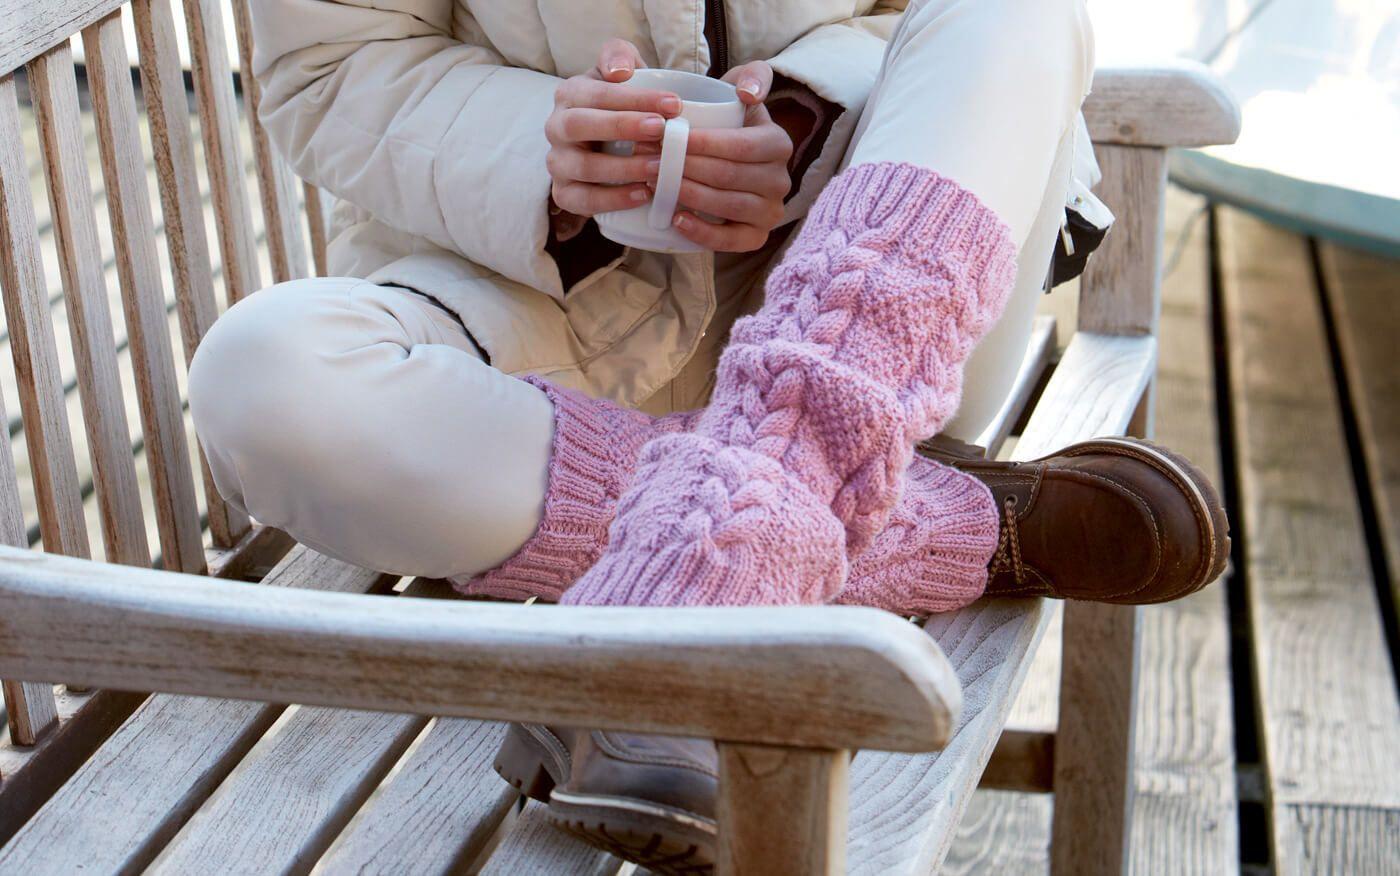 Diese traumhaften Beinstulpen in einem Perl- und einem Zopfmuster lassen den Winterschnee und das Hinbeerrosa zu einem Sorbet-Traum verschmelzen.